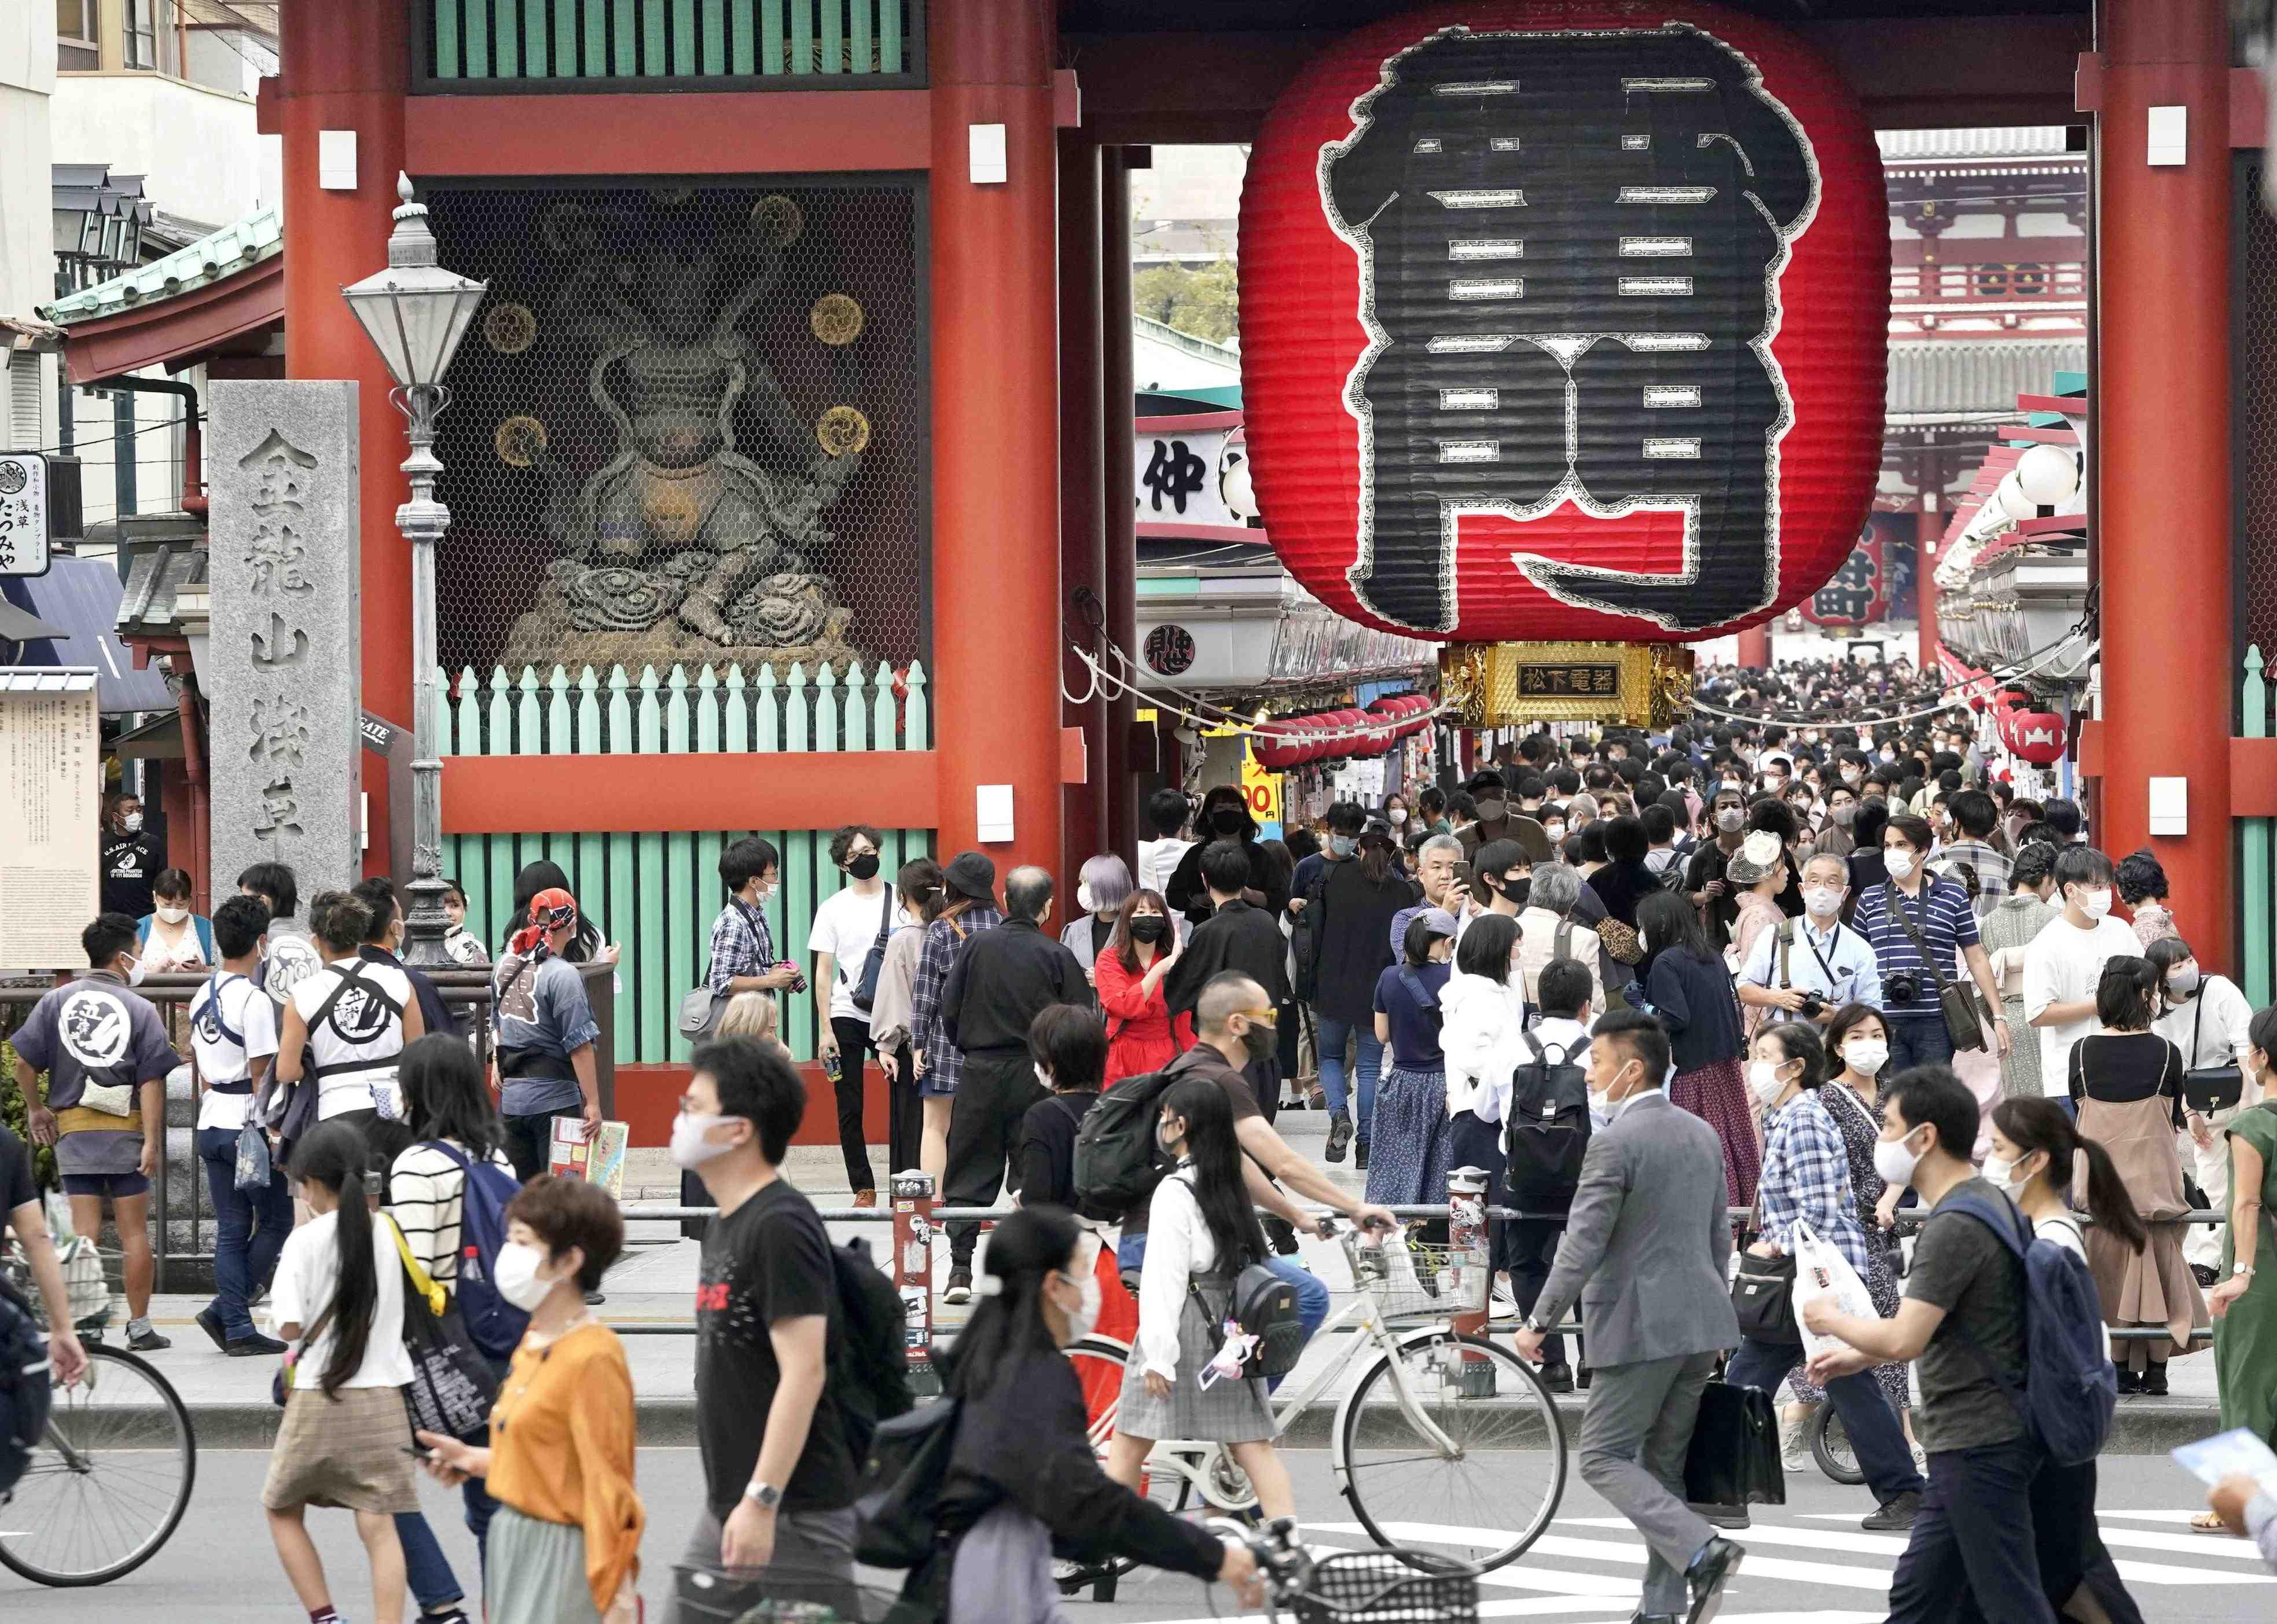 Japan Tourism Asakusa Kaminarimon Go To Travel 009